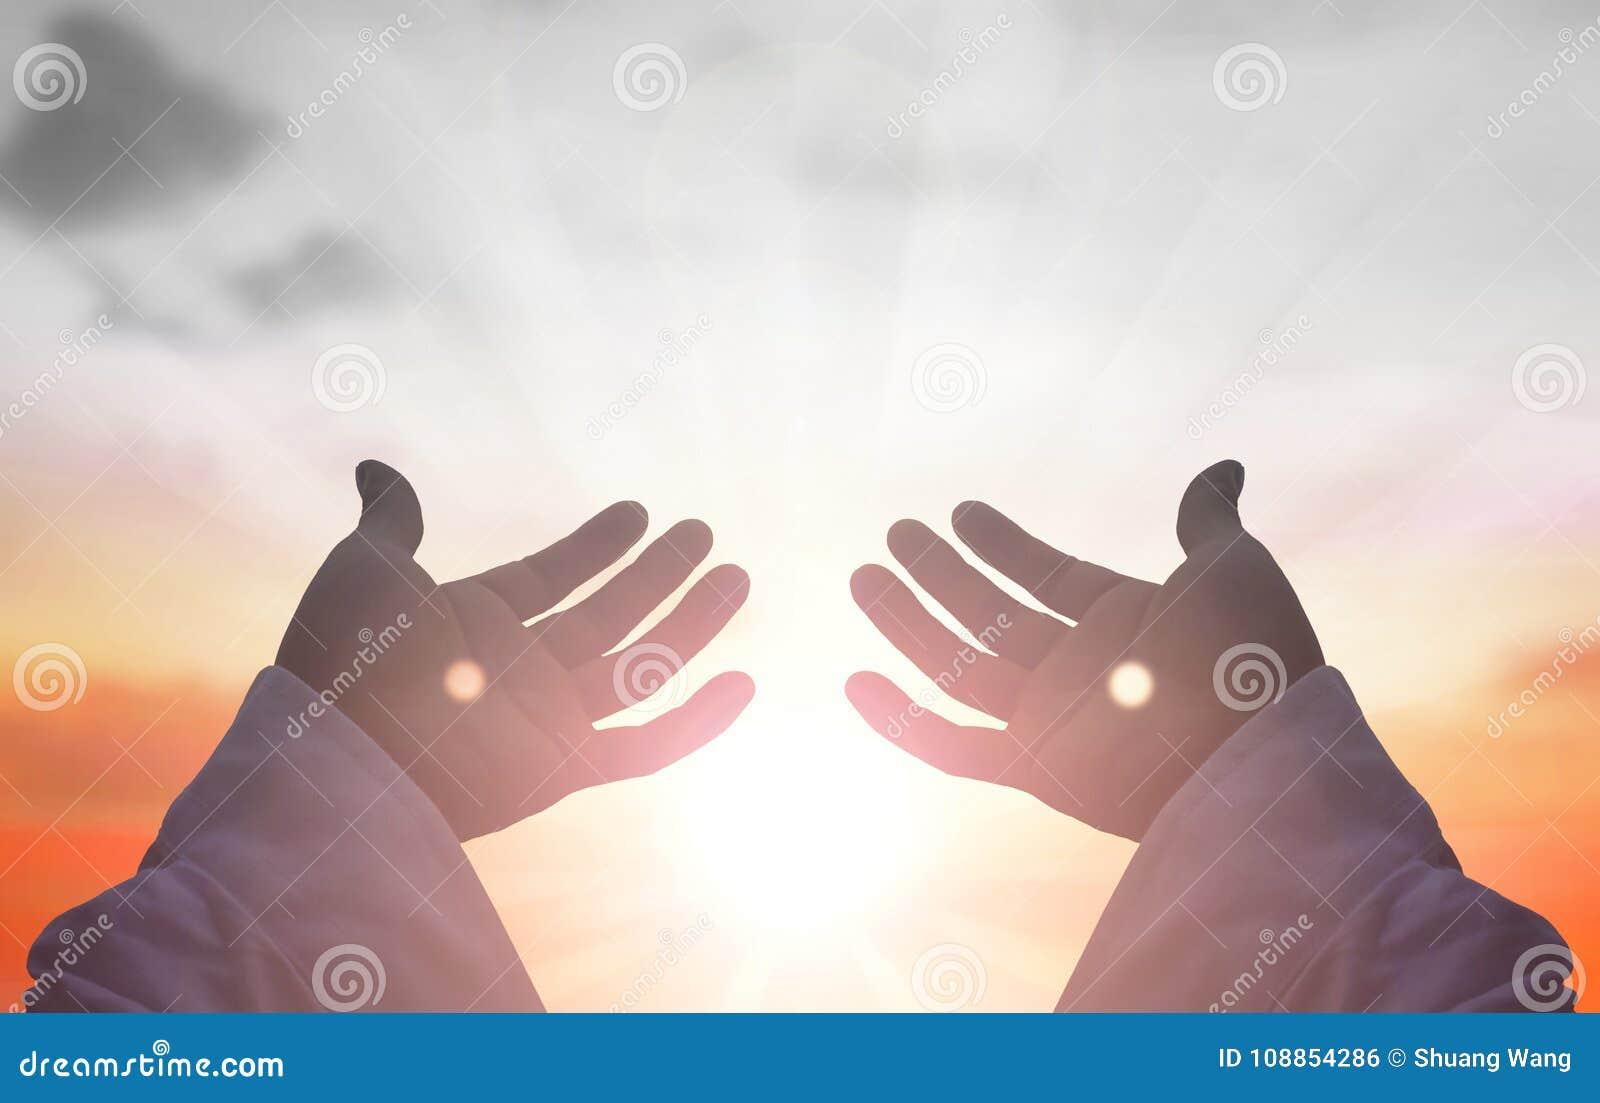 Handen van Jesus Christ